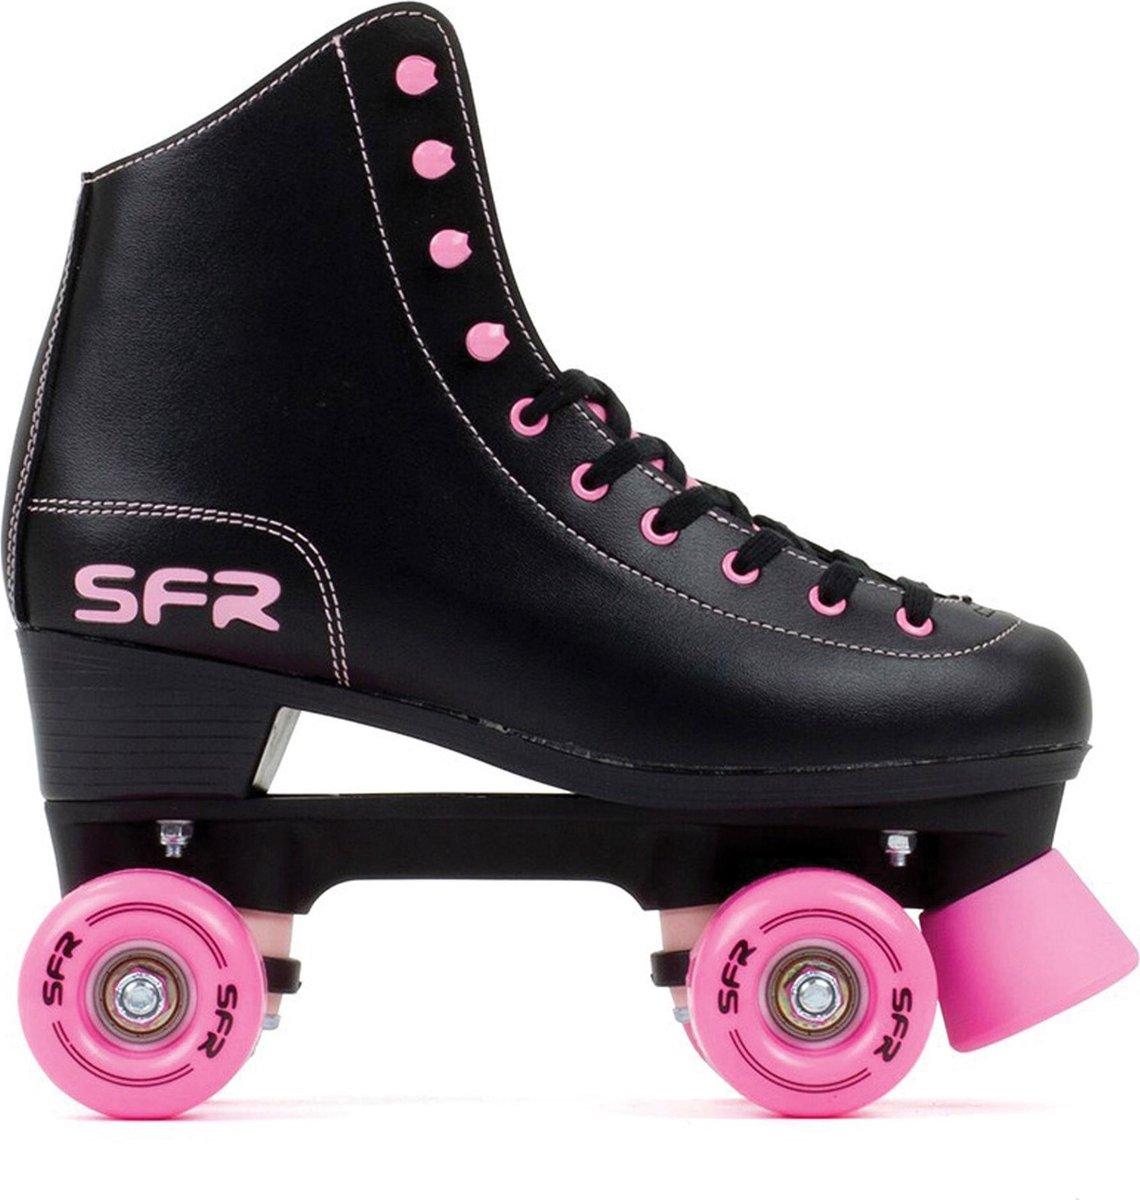 SFR Rolschaatsen - Maat 34Kinderen - Zwart/Roze